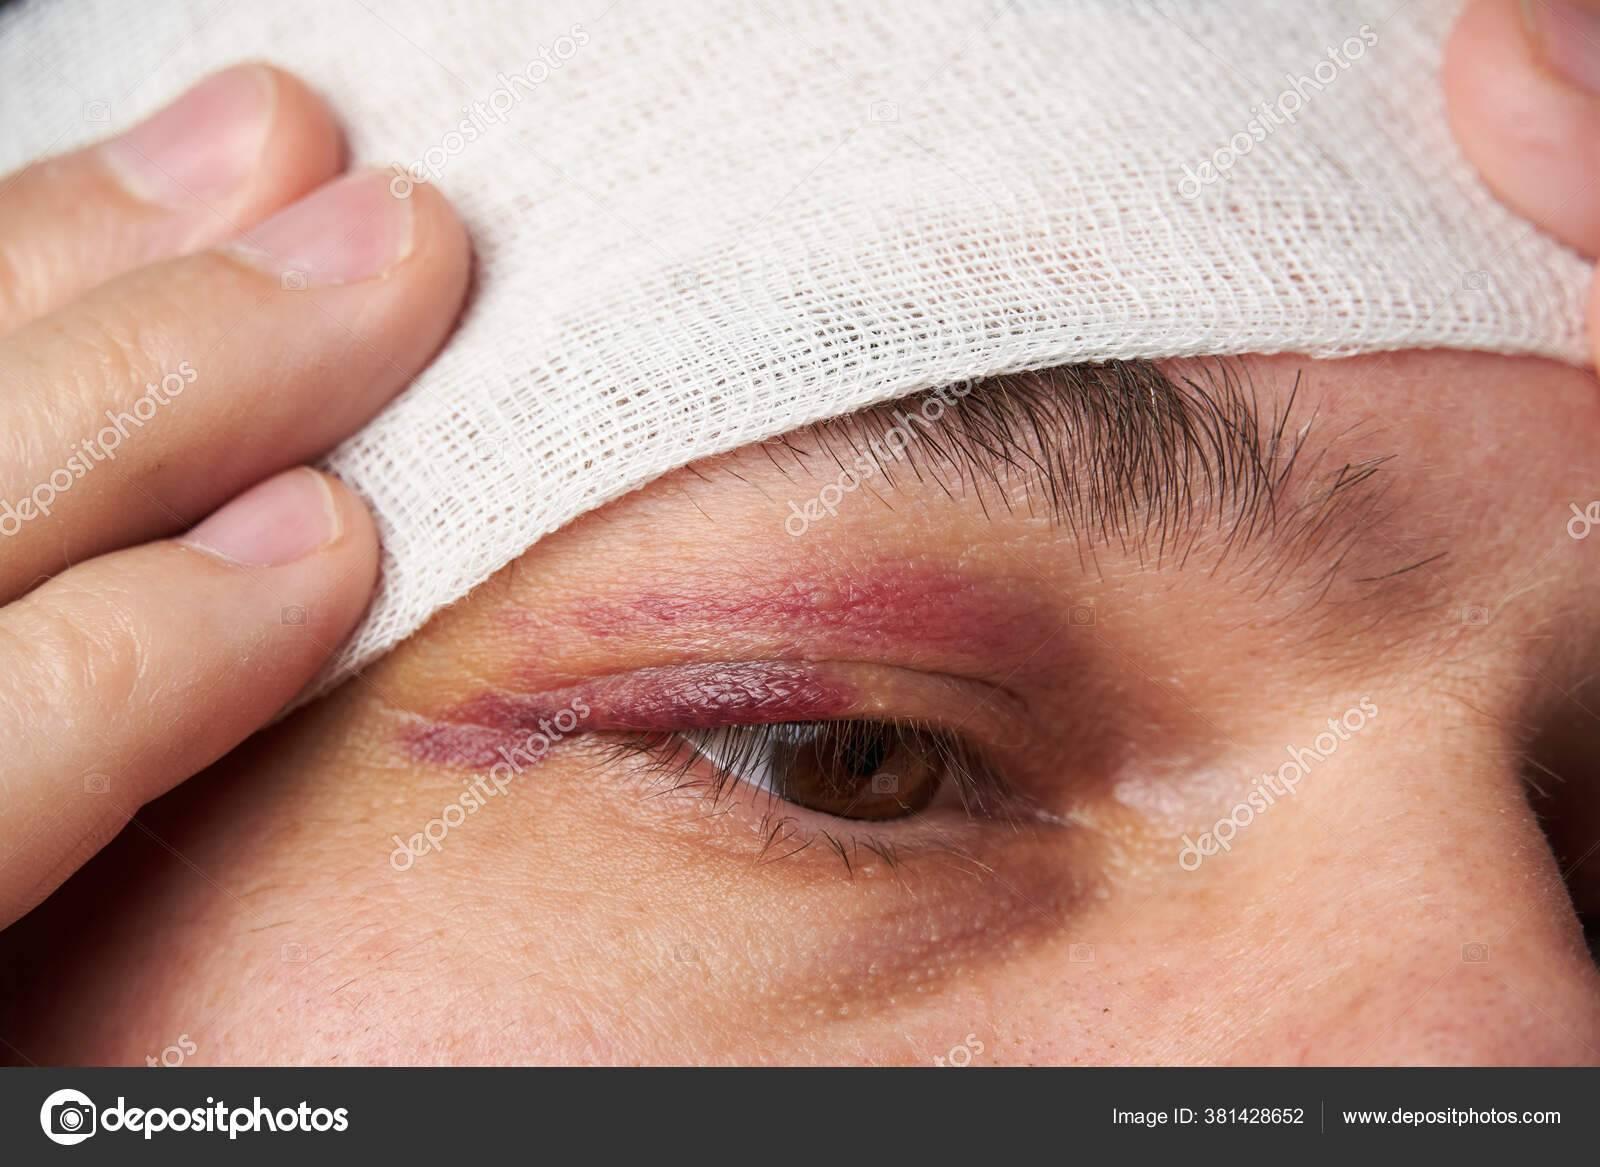 Как лечить синяк под глазом. синяк на веке и под глазом без причины - лечение